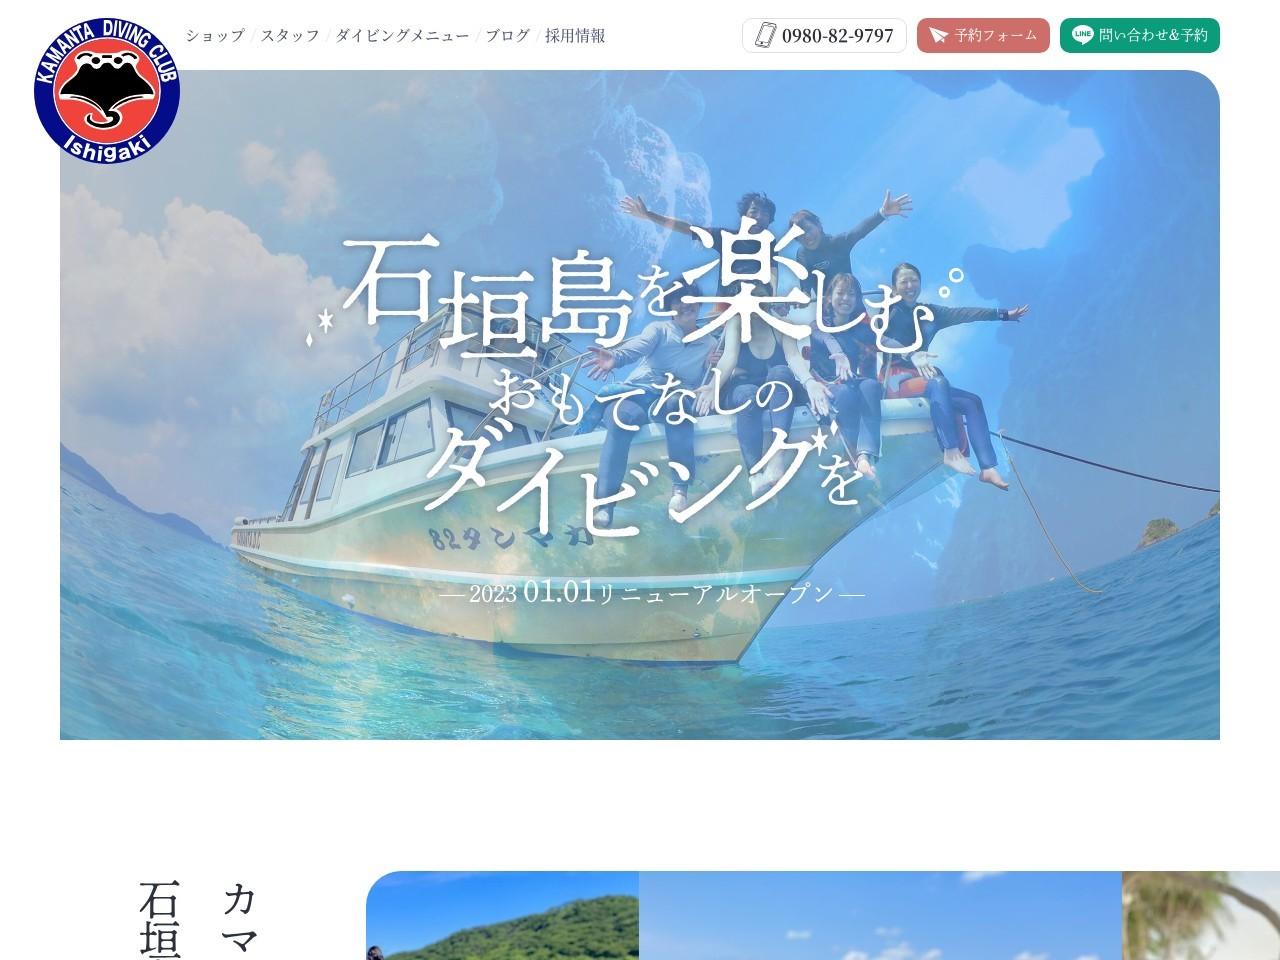 カマンタダイビングクラブ